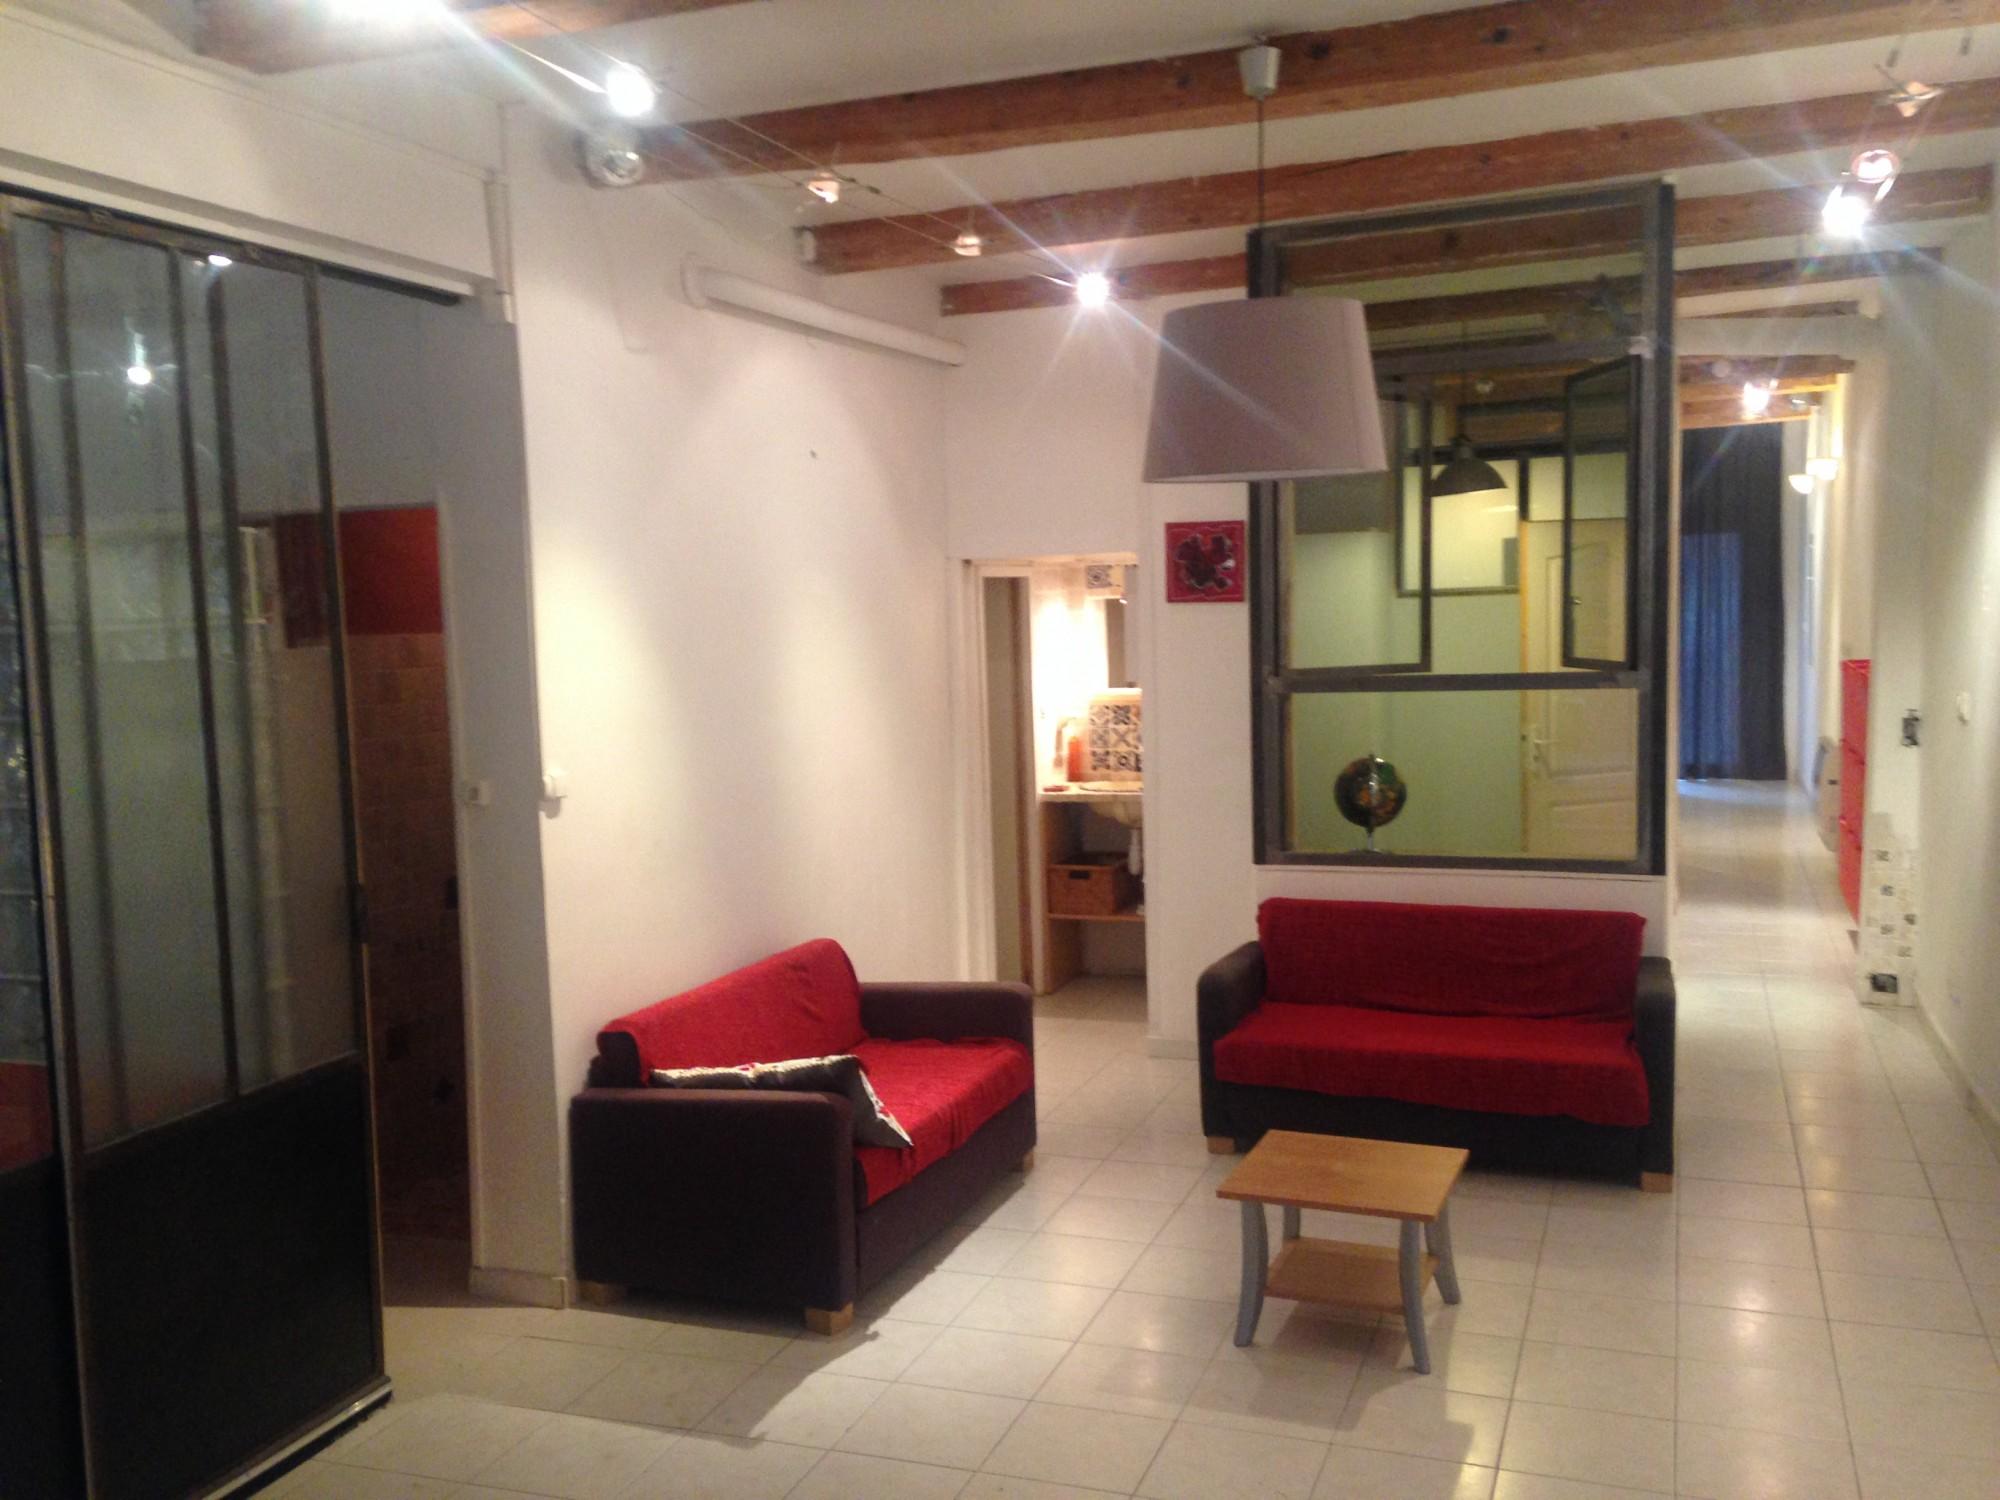 ventes appartement t4 f4 marseille 07 bd andr aune loft 3 chambres cuisine quip e deux. Black Bedroom Furniture Sets. Home Design Ideas